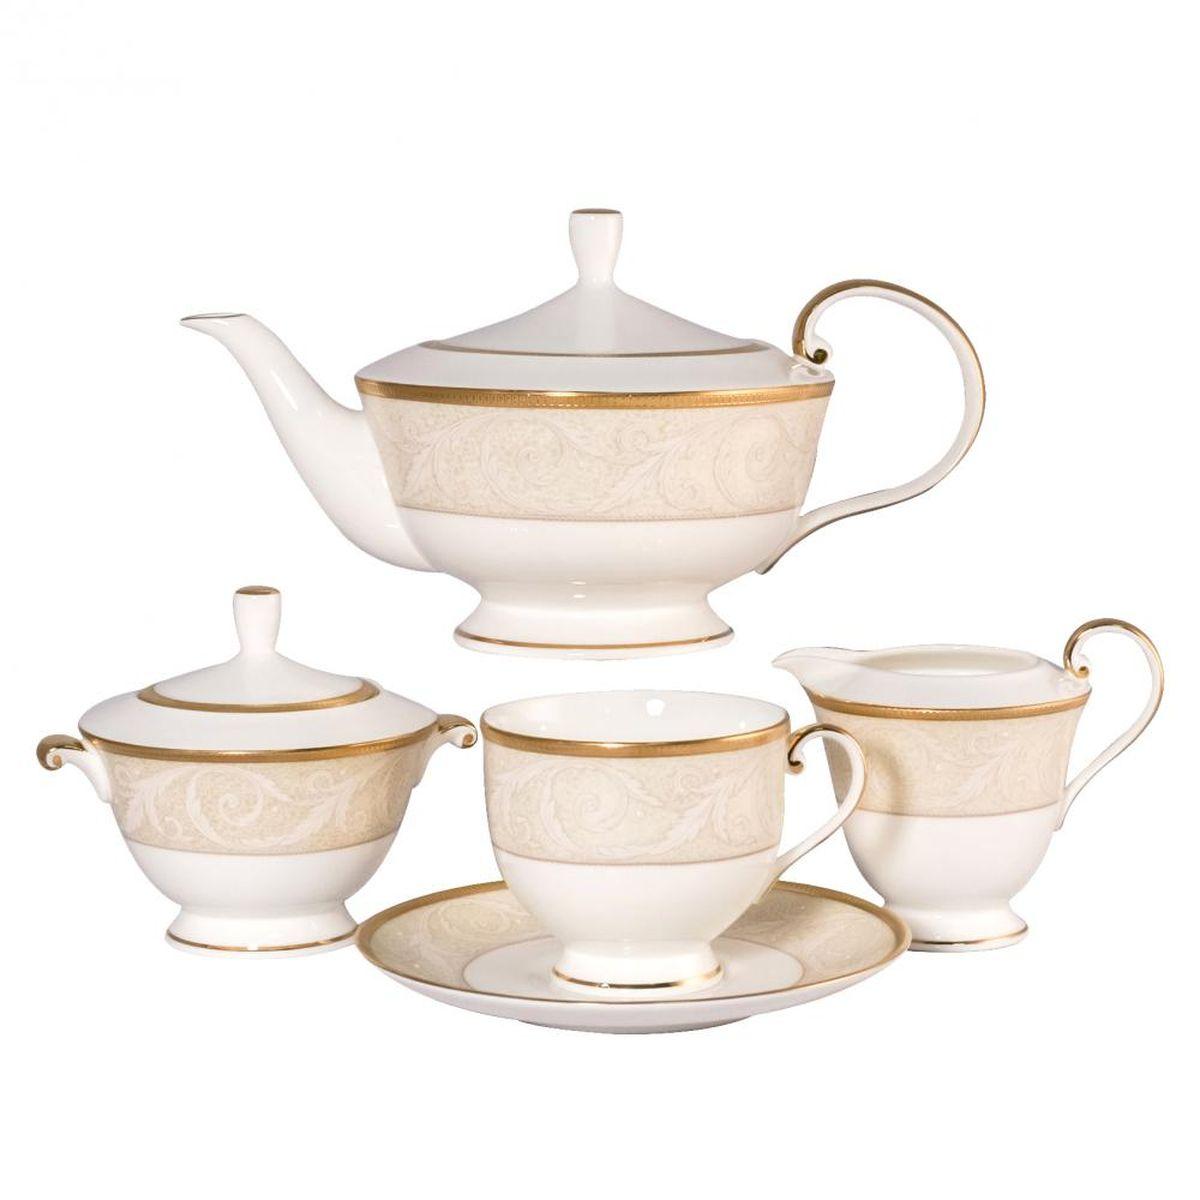 Сервиз чайный Narumi Ноктюрн золотой, 17 предметов51035-52302